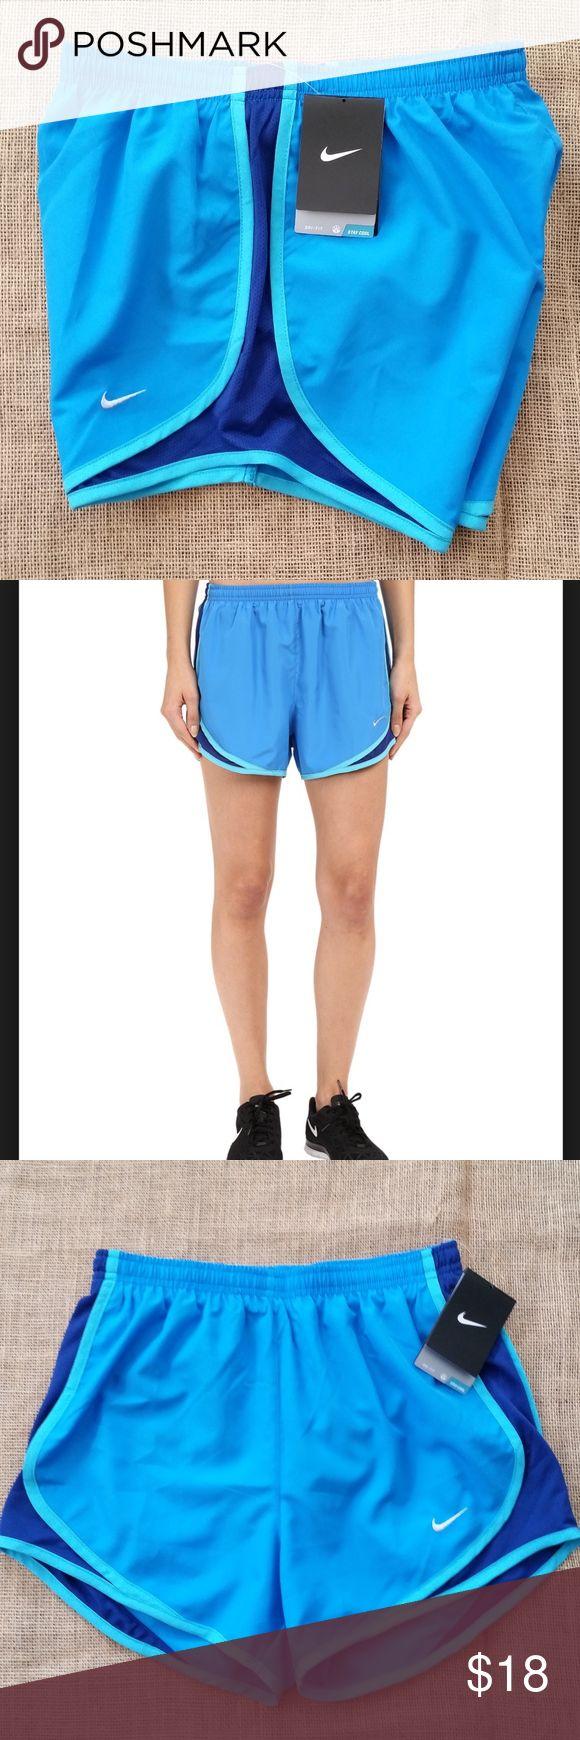 Nike Dri-Fit Shorts - Size X-Small Nike Dri-Fit Shorts Running Shorts - Size X-Small - Light Blue/Deep Royal nike Shorts